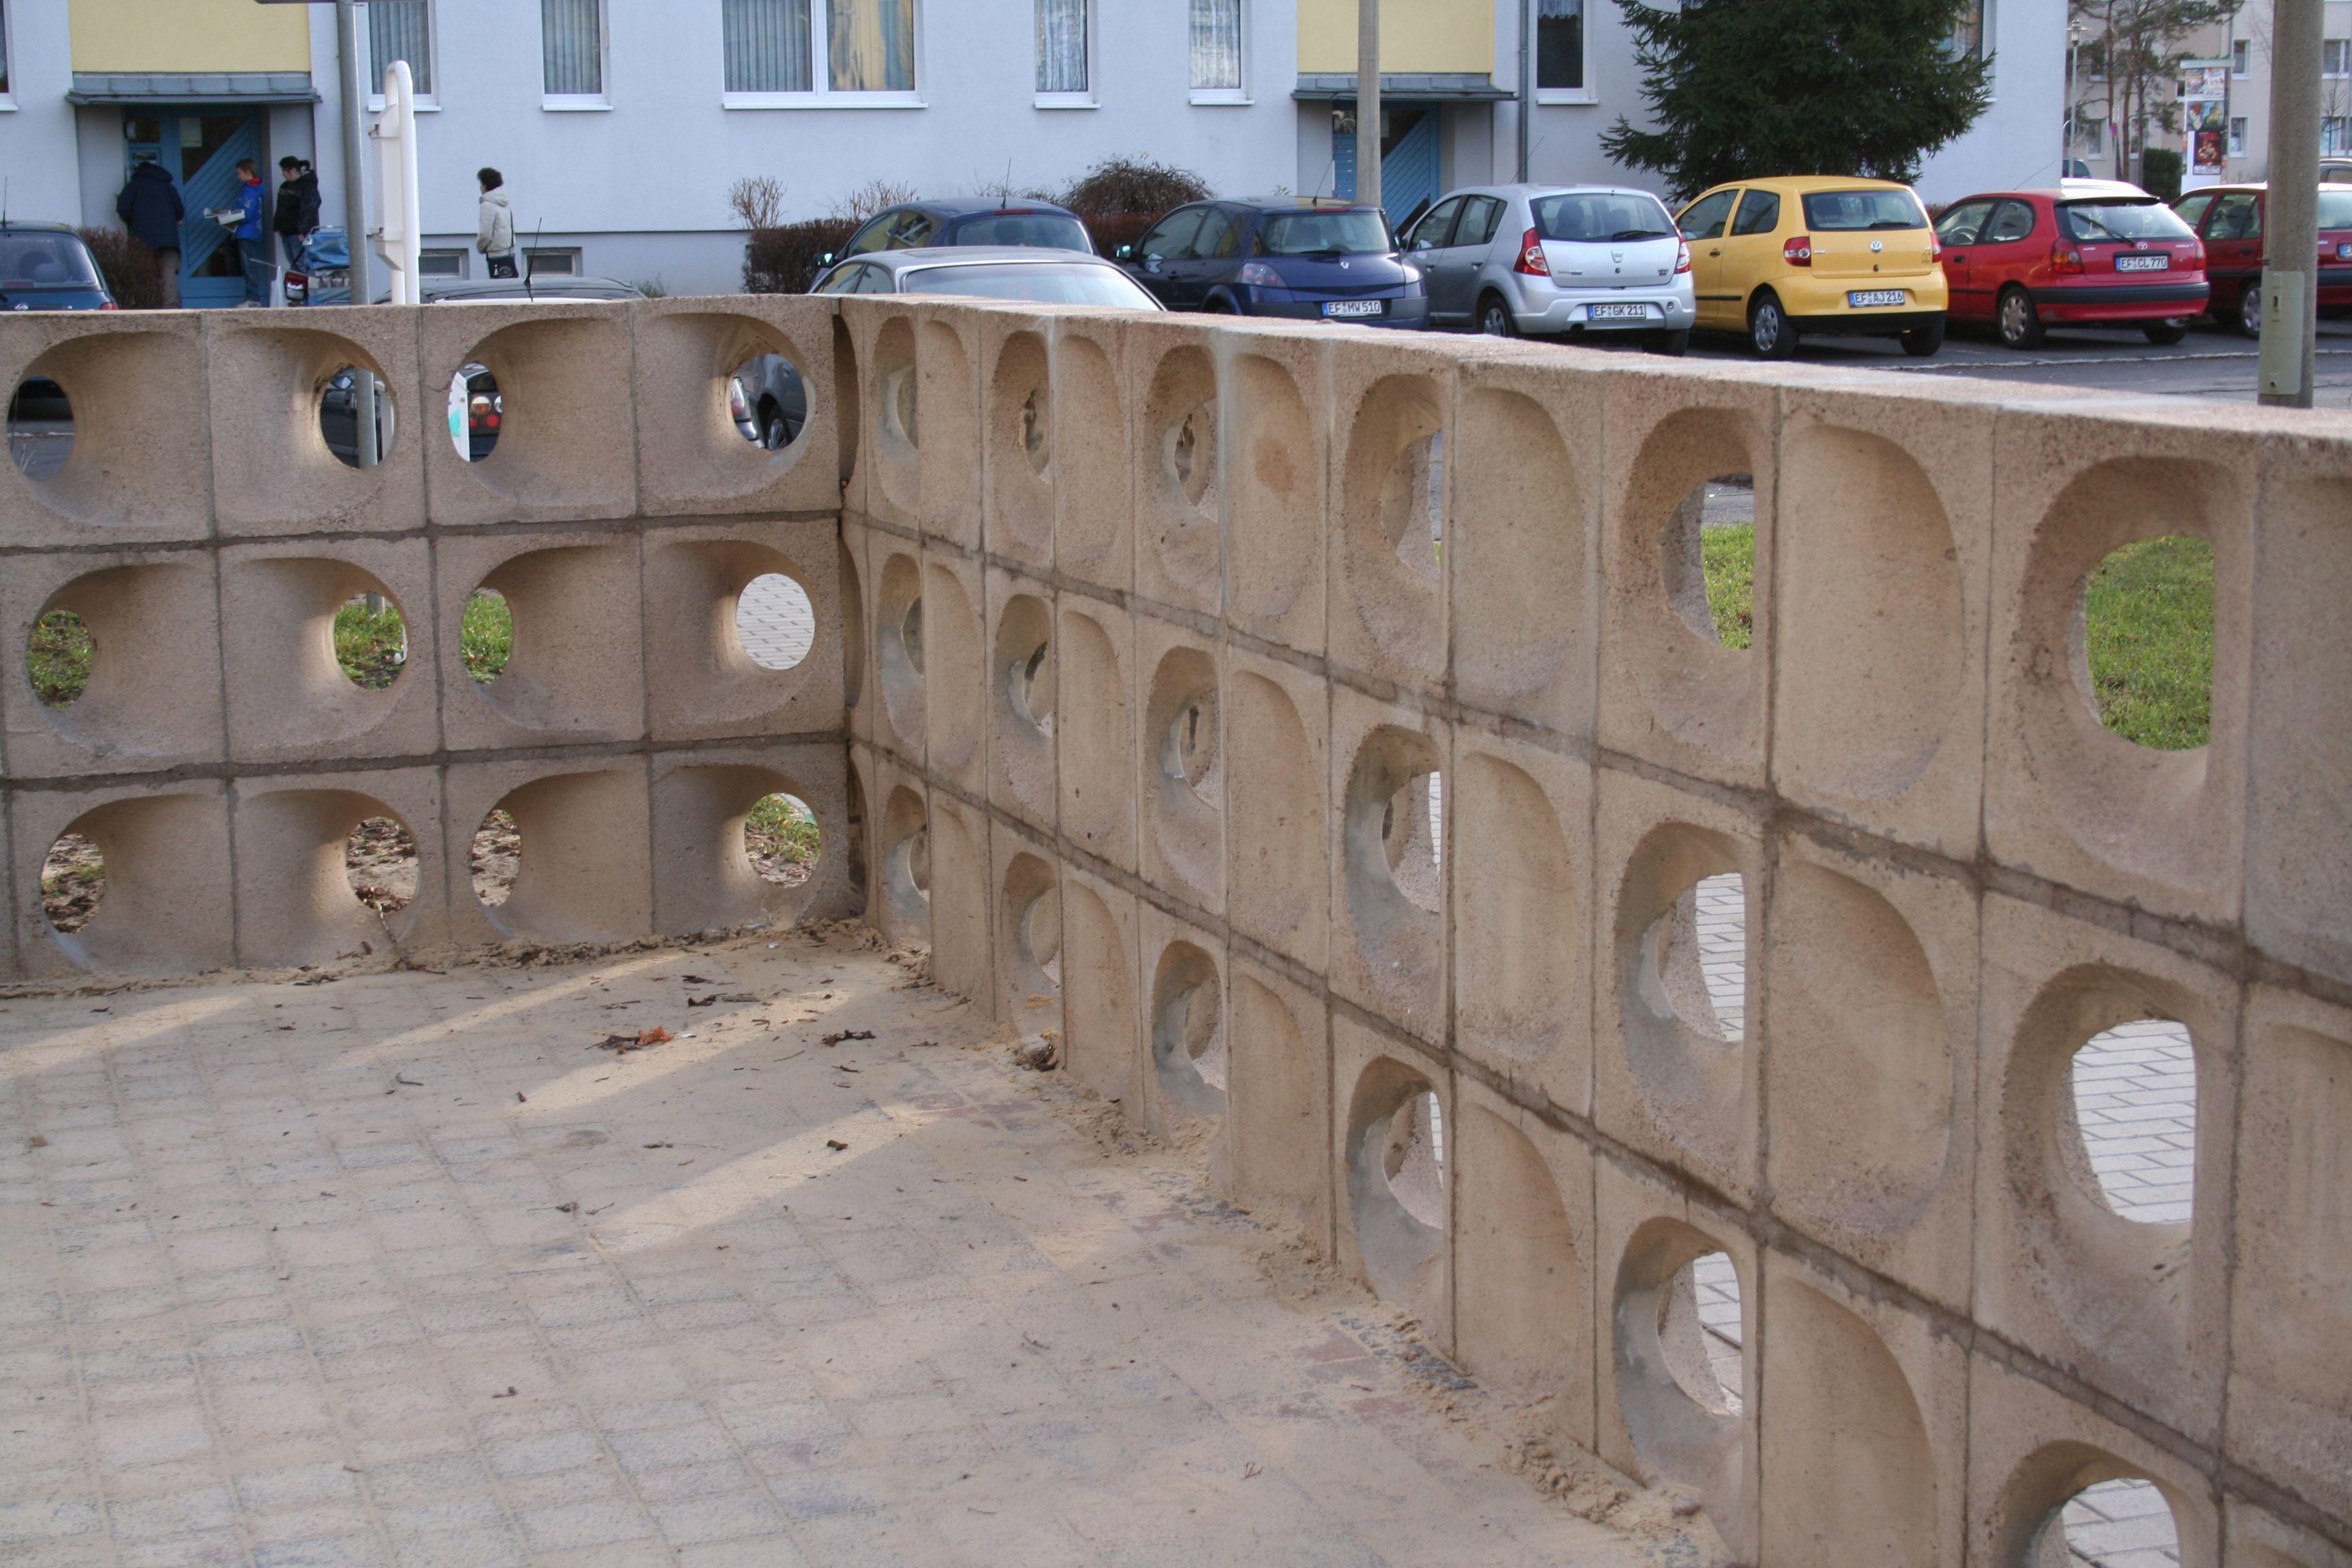 Spielplatz, Erfurt-Rieth (c) O. Hintze (Kommerzielle Nutzung nicht erlaubt, Repins willkommen!)